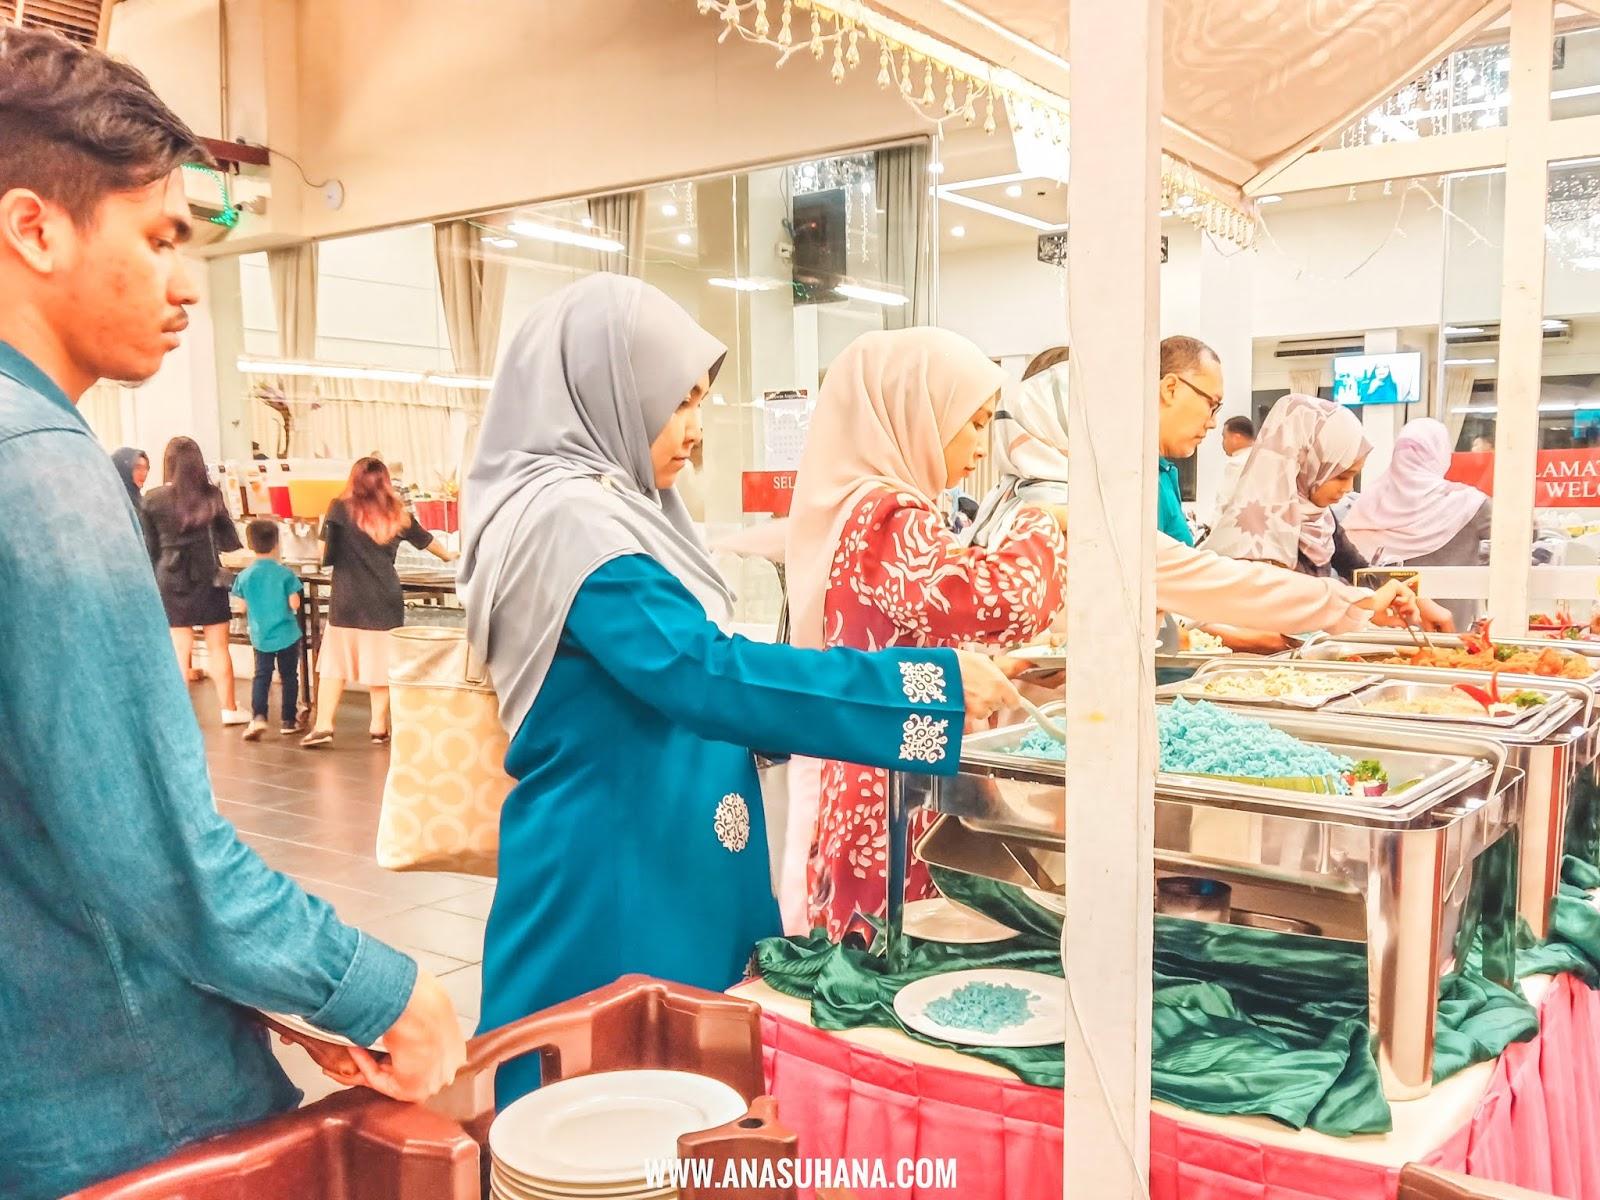 Dengan 200 Menu Bufet Ramadan, Jom Iftar Sesama di Bangi Golf Resort